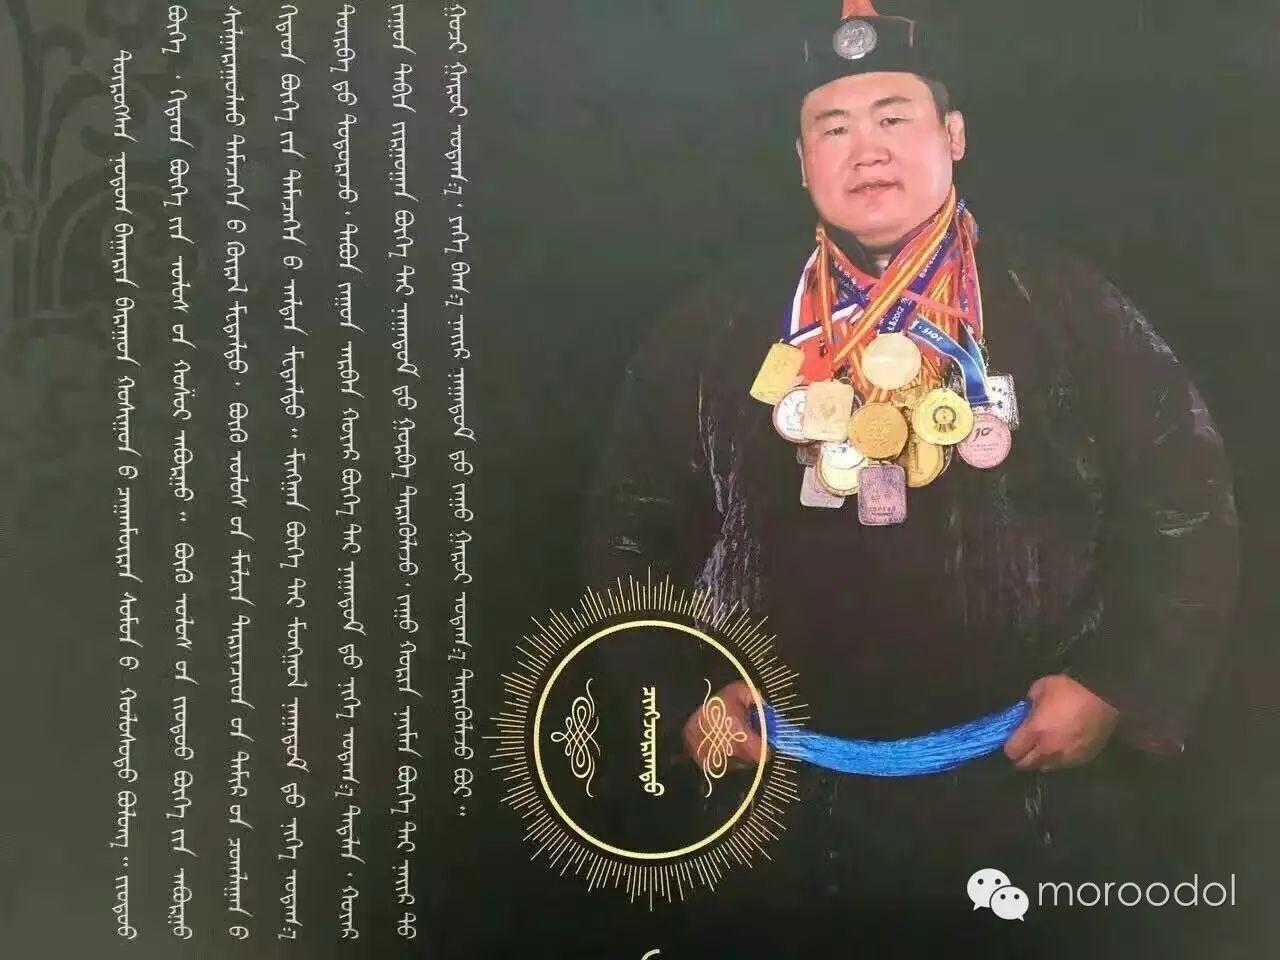 卐【蒙古博克】赤峰著名摔跤手及他们的战绩(图片) 第7张 卐【蒙古博克】赤峰著名摔跤手及他们的战绩(图片) 蒙古文化